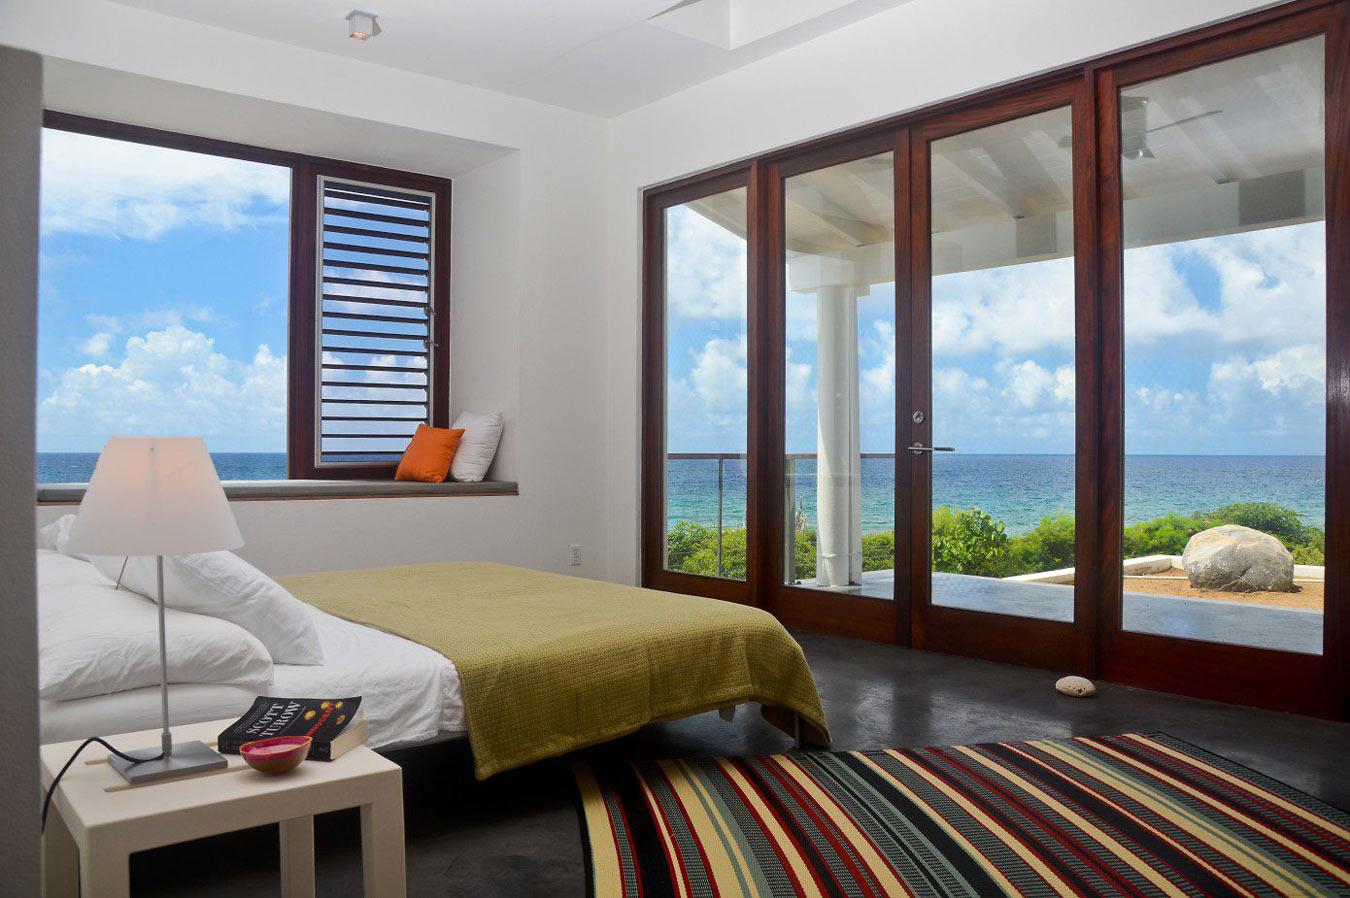 Bedroom with bi-fold doors